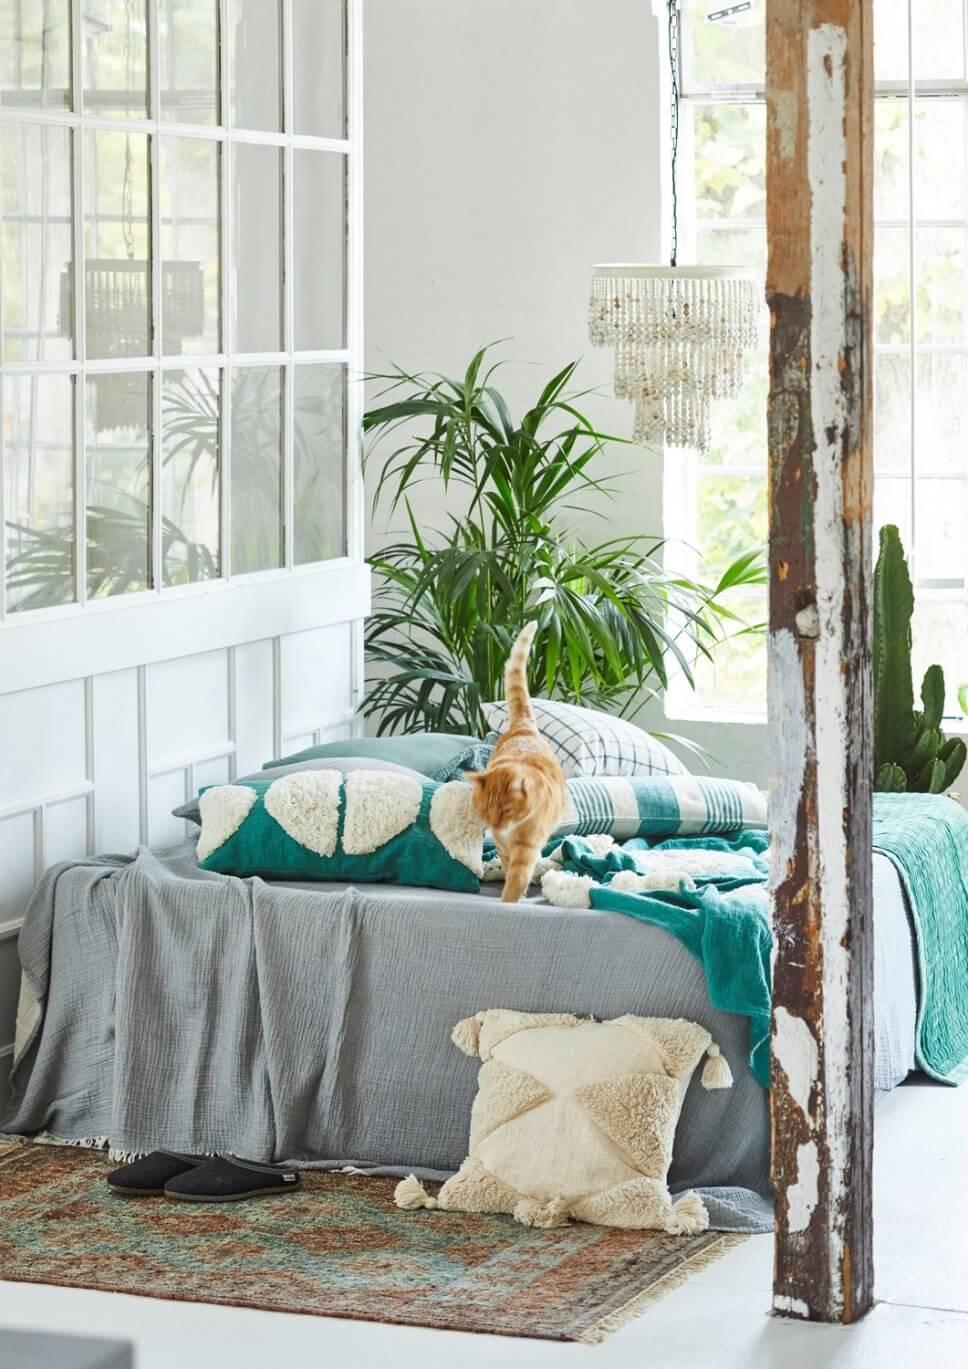 Schlafzimmer mit vielen Kissen und Decken auf dem Bett